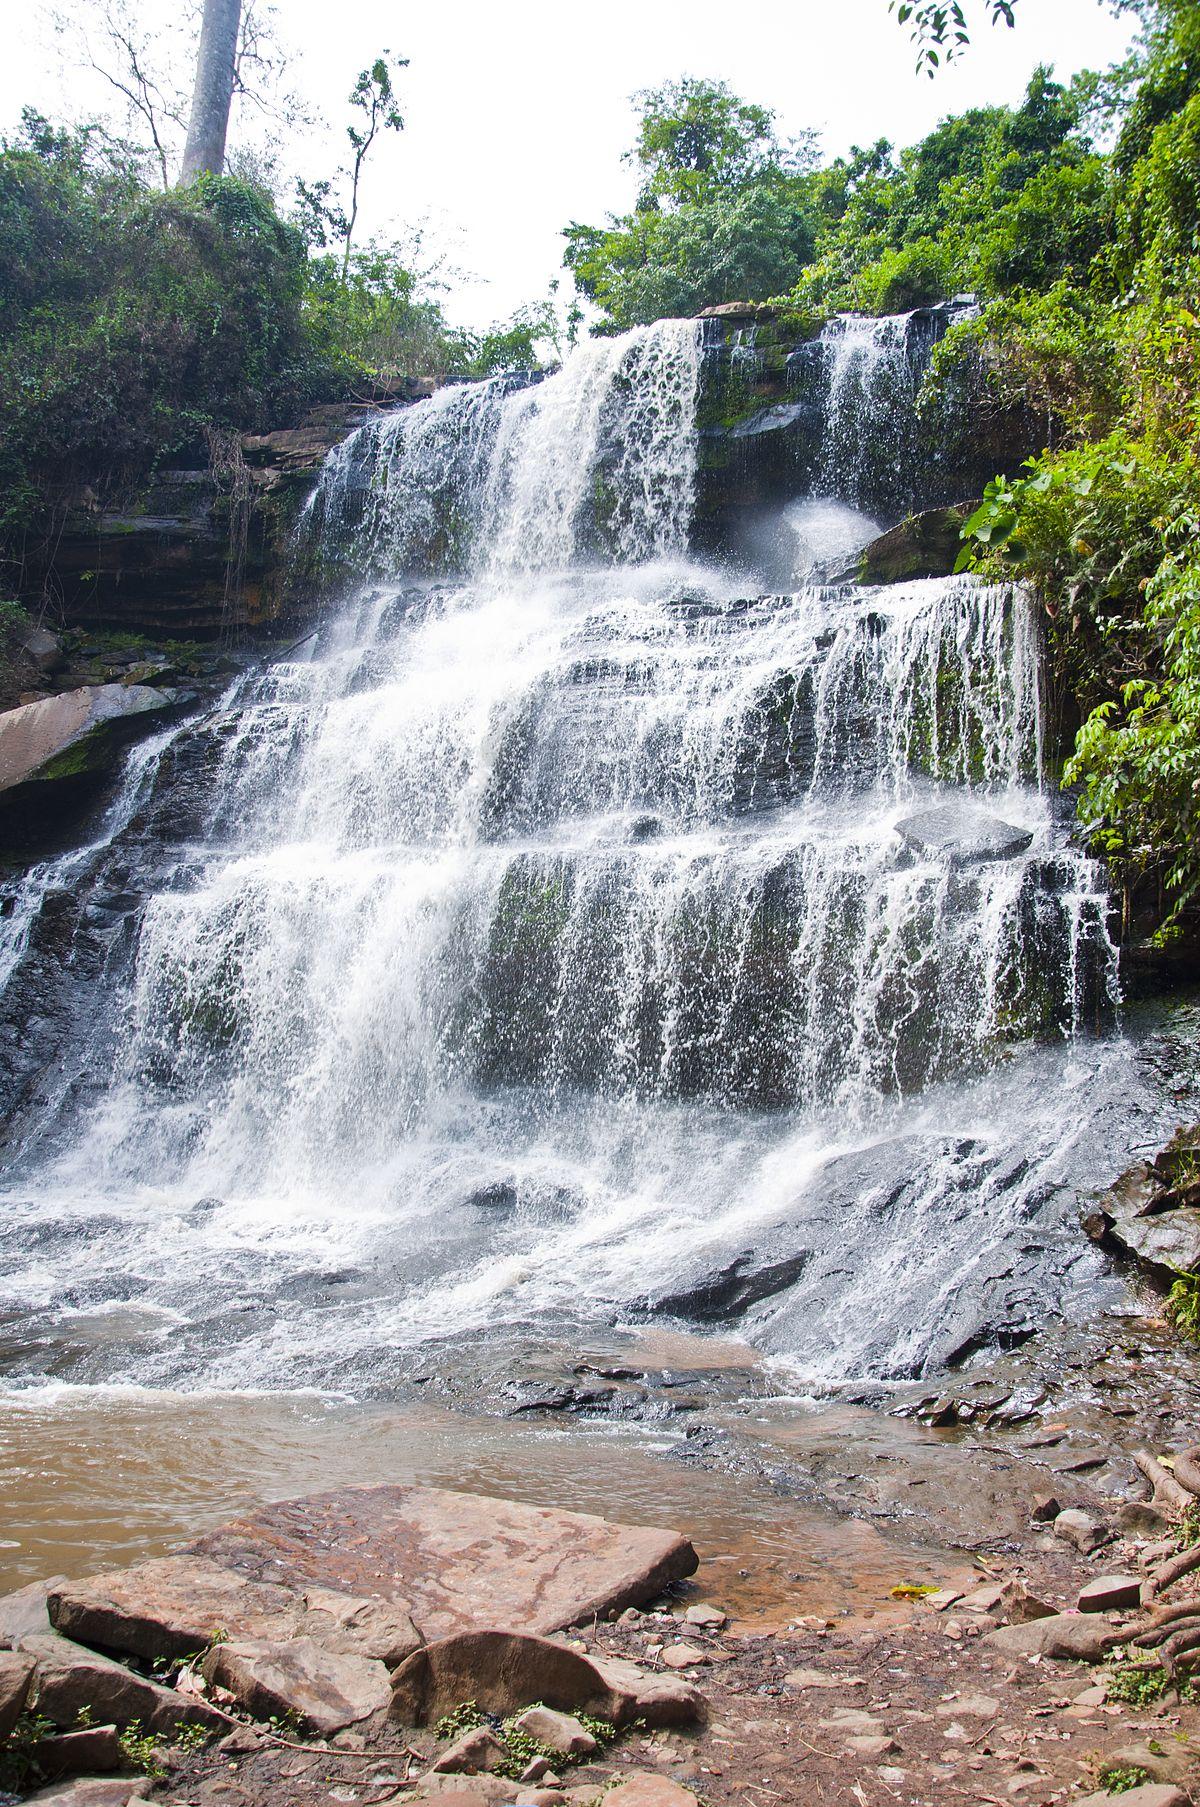 Kintampo Waterfalls Now Safe - Supervisor